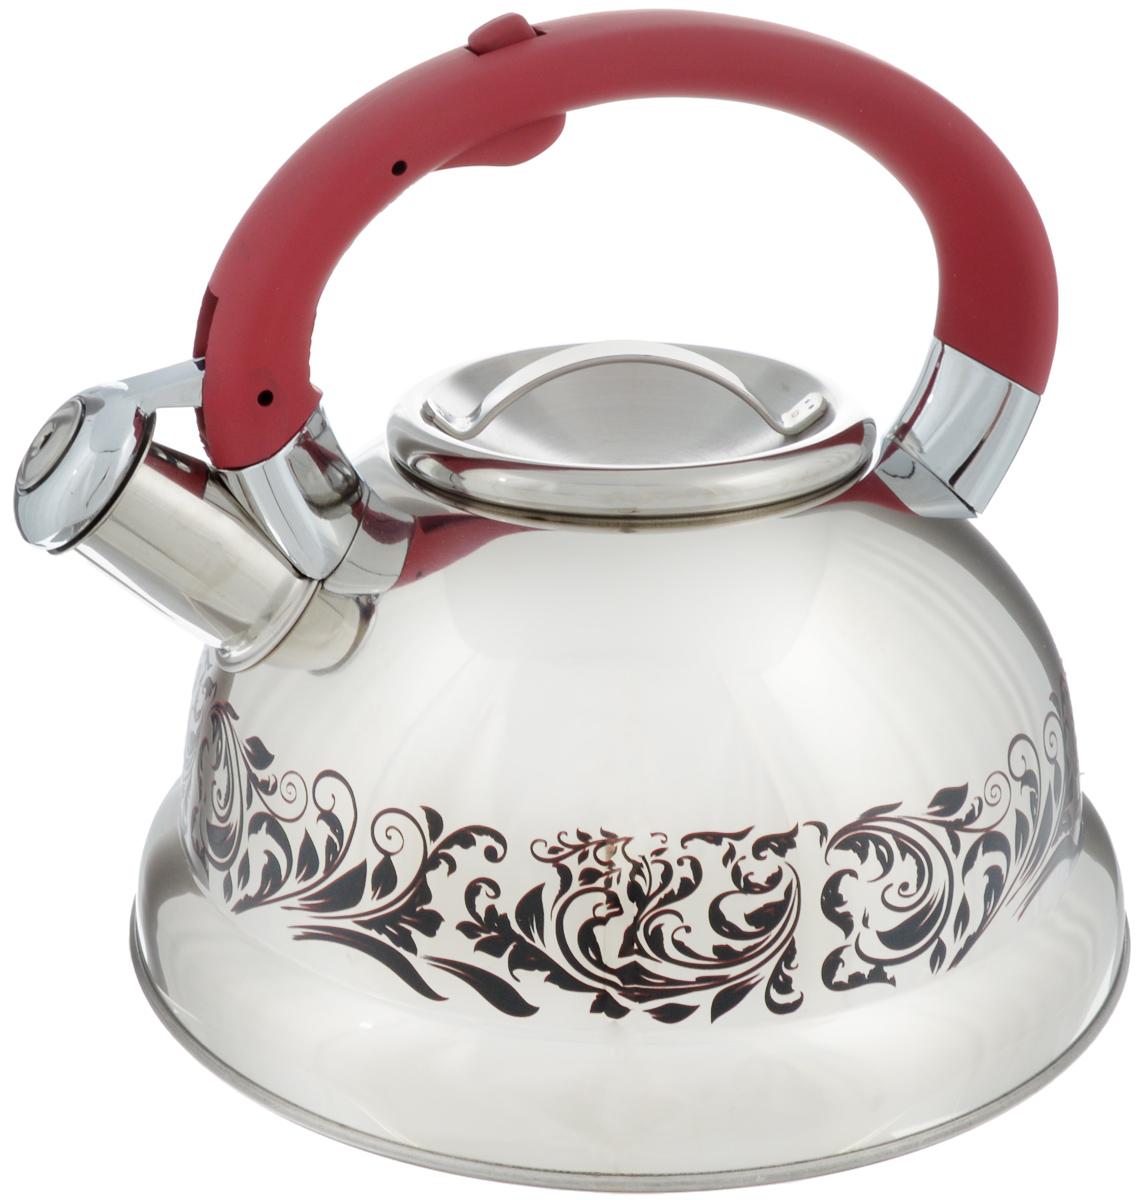 Чайник Mayer & Boch, со свистком, цвет: стальной, бордовый, 2,6 л. 23414VT-1520(SR)Чайник Mayer & Boch выполнен из высококачественной нержавеющей стали, что обеспечивает долговечность использования. Изделие оформлено изящным рисунком, который одновременно является и индикатором цвета - при нагревании рисунок на корпусе меняет цвет. Ручка из бакелита с покрытием soft-touch делает использование чайника очень удобным и безопасным. Чайник снабжен свистком и кнопкой для открывания носика. Пригоден для использования на всех видах плит, включая индукционные. Можно мыть в посудомоечной машине.Диаметр чайника по верхнему краю: 10 см.Высота чайника (без учета ручки): 11 см.Высота чайника (с учетом ручки): 20,5 см.